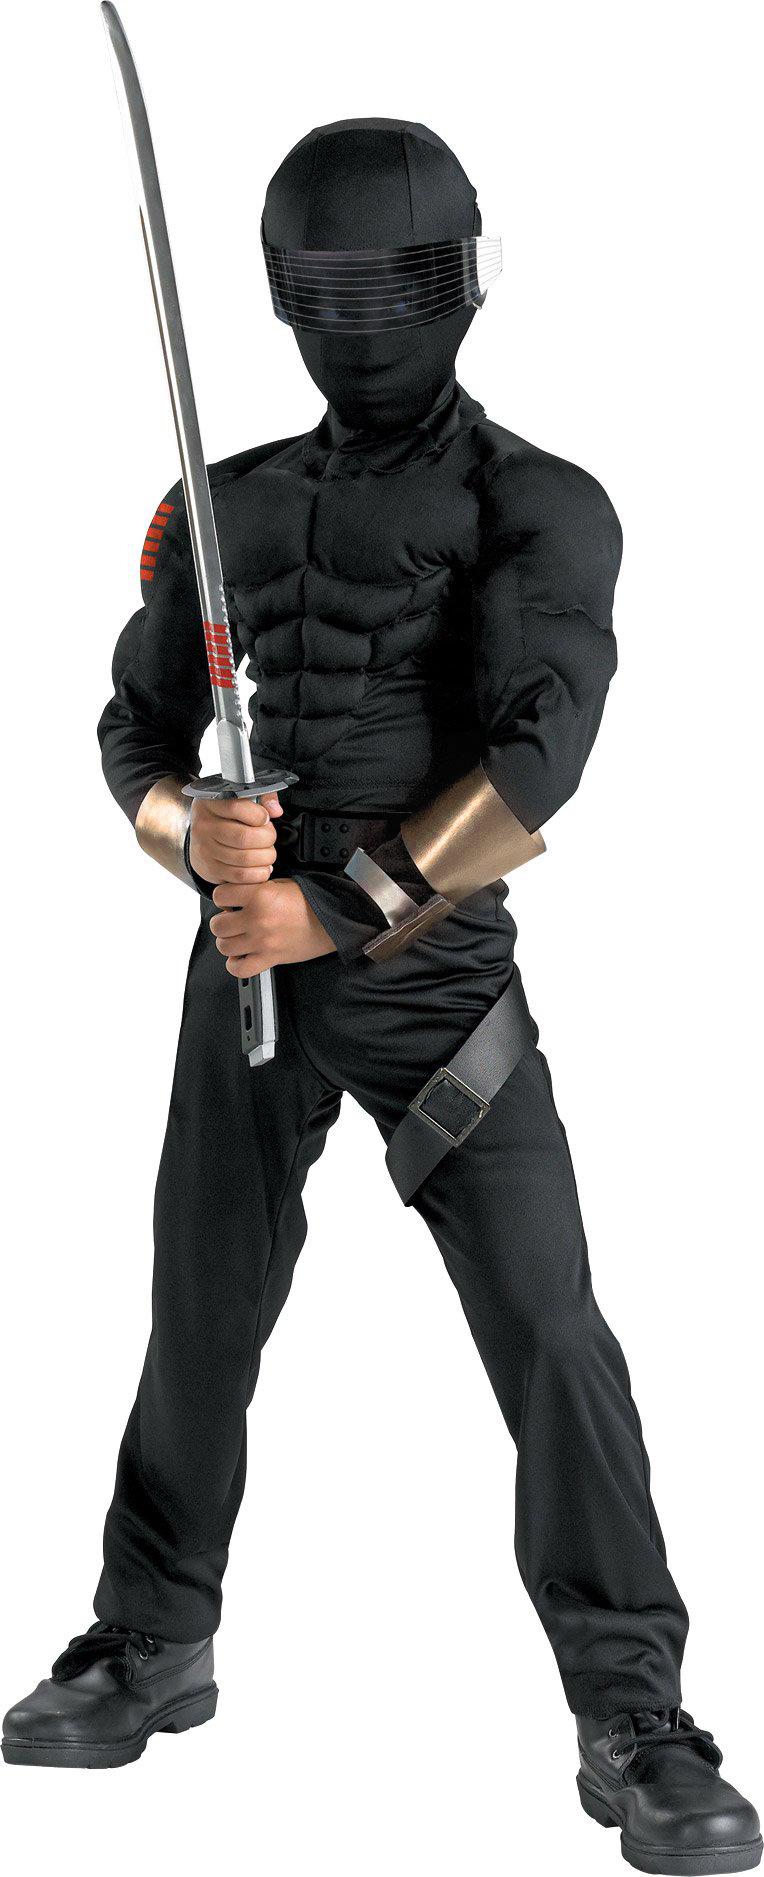 Batman Arm Guards